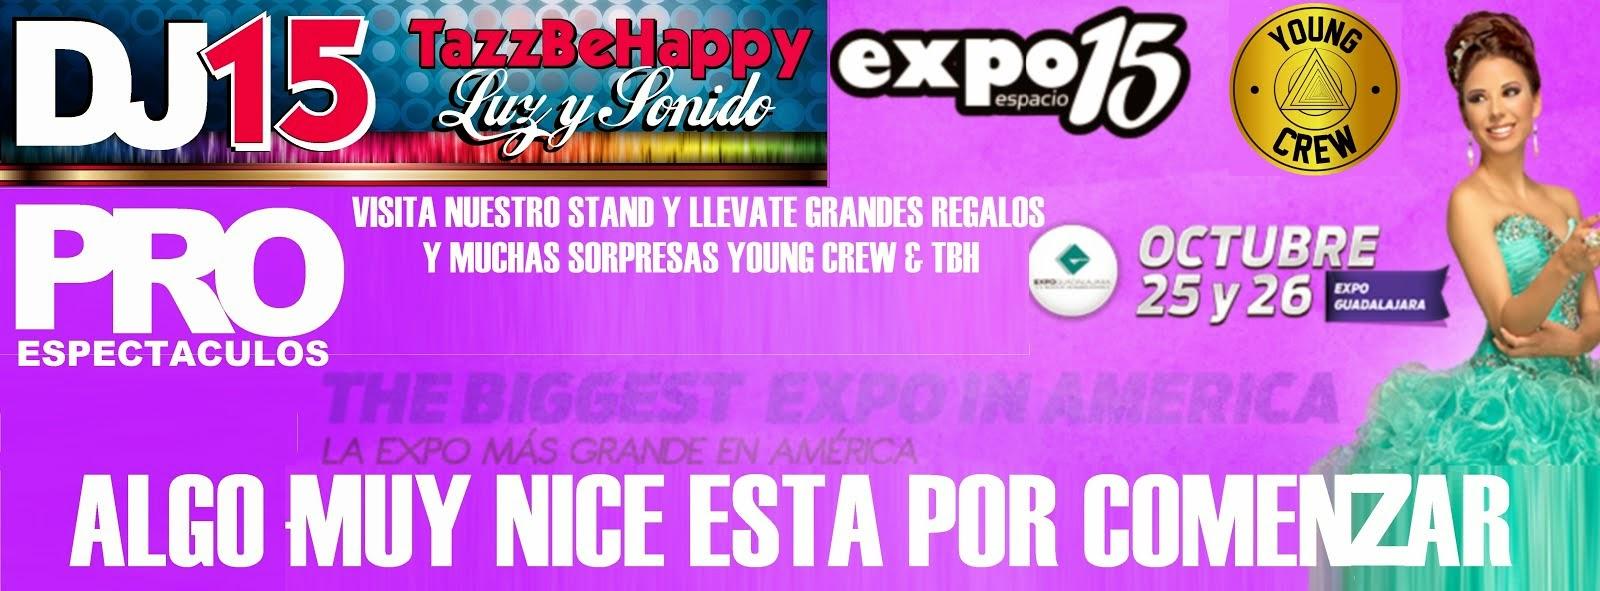 EXPO TU BODA Y EXPO ESPACIO 15